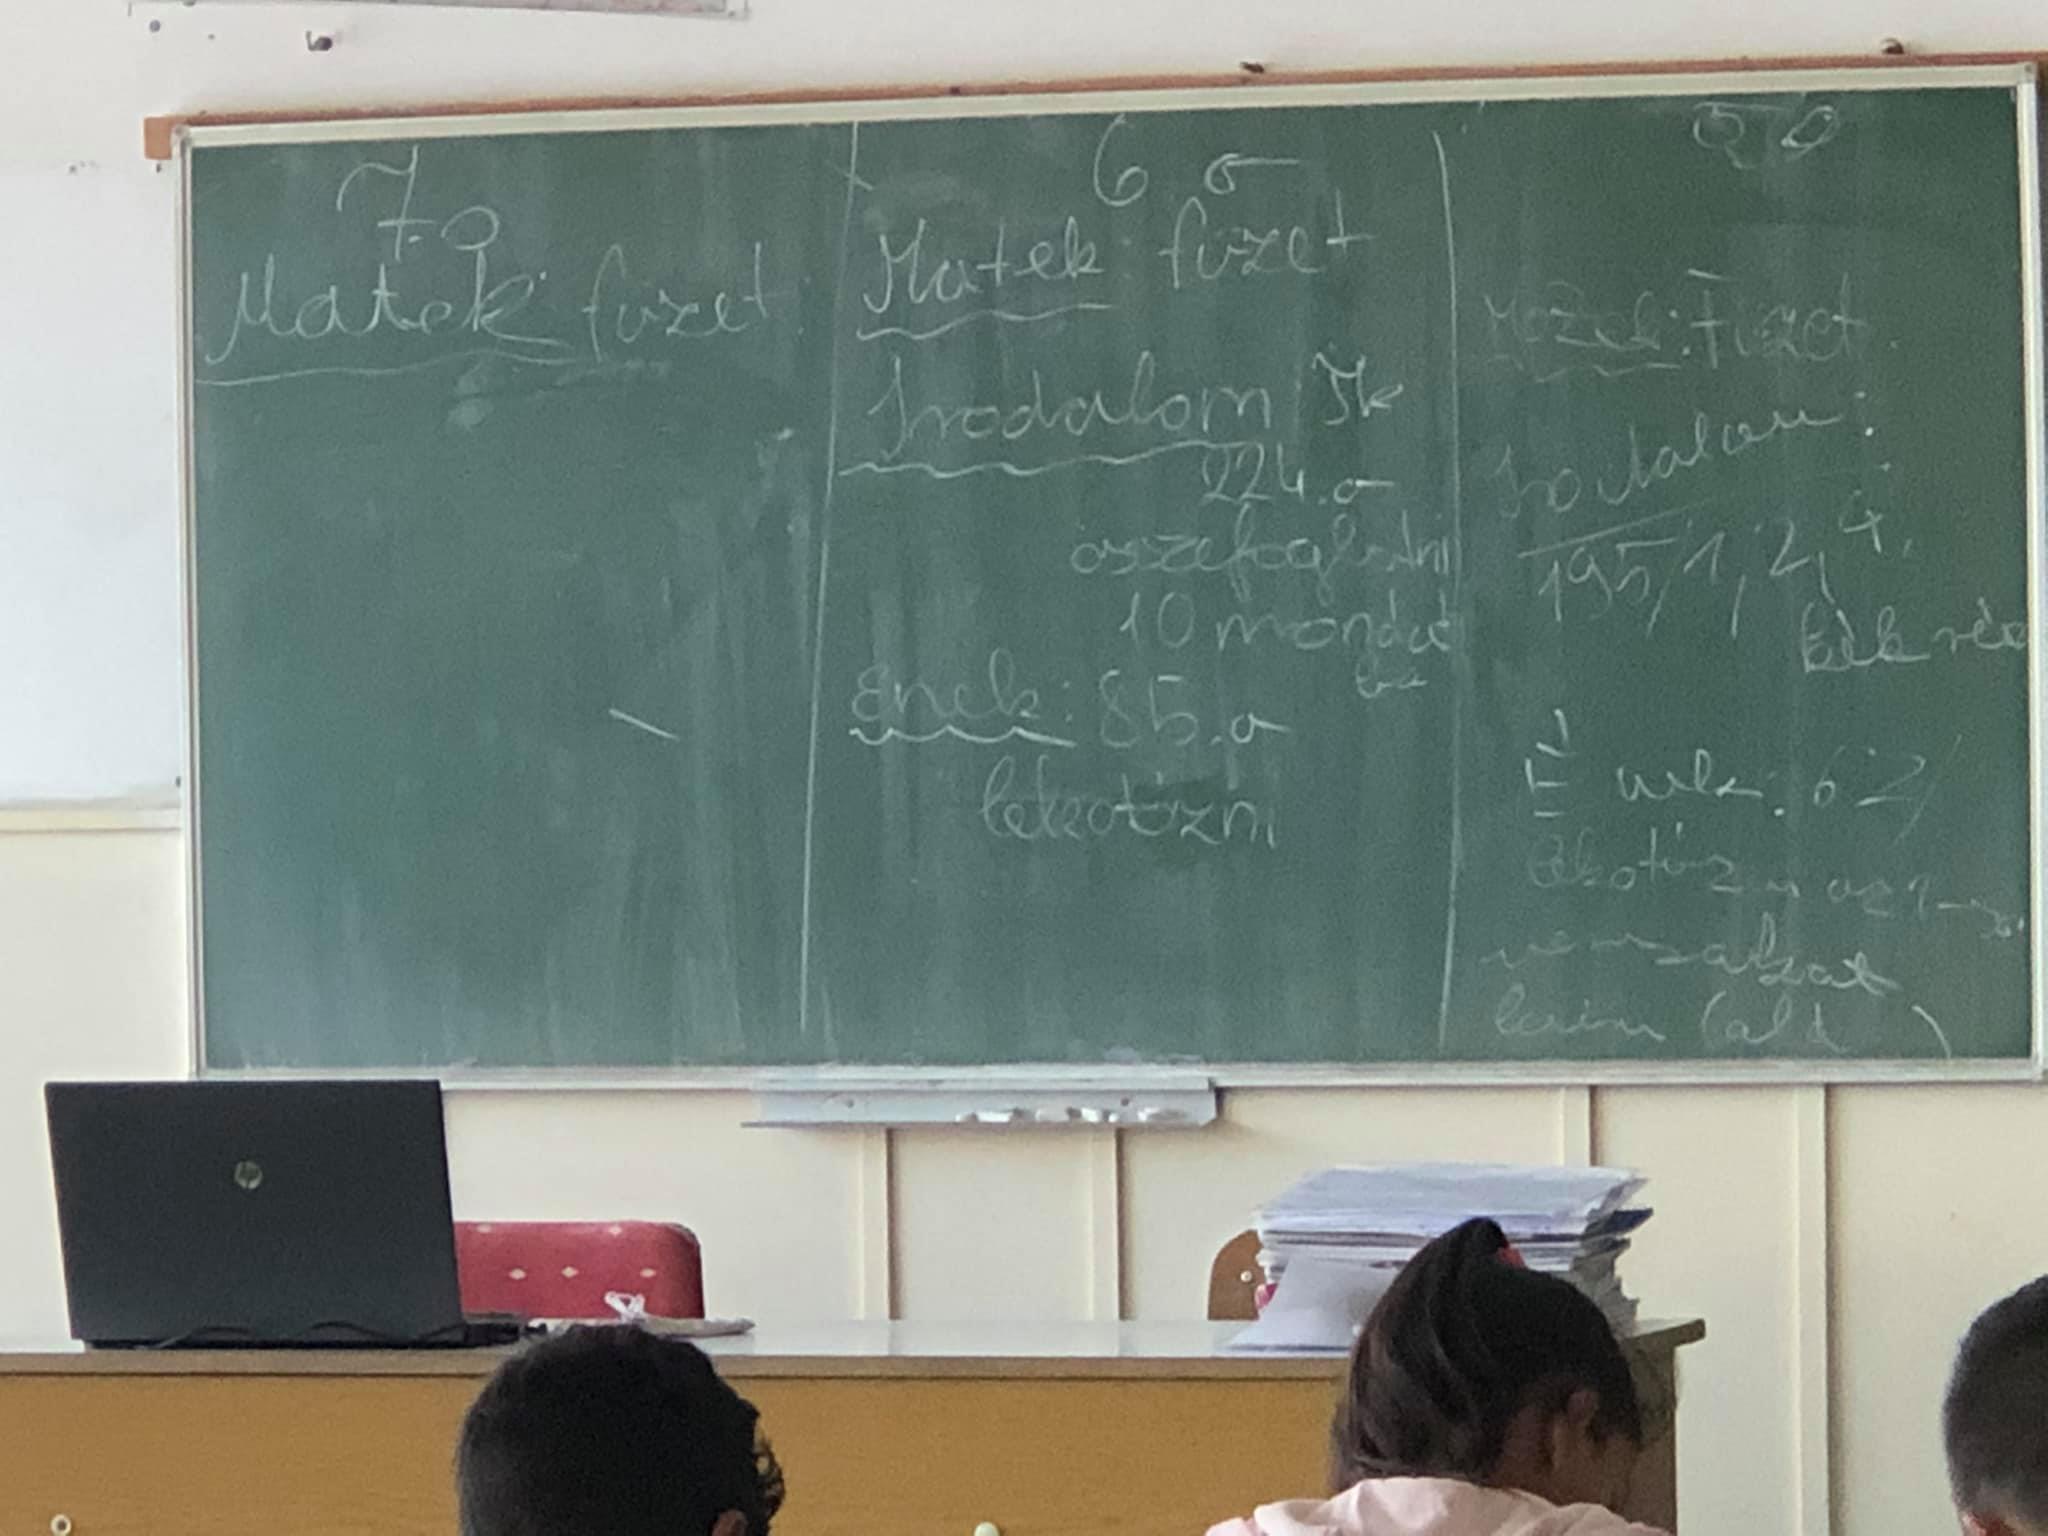 Tanulószoba.../Tanulmányi idő... Nevelő:Bernadett Gadzsa